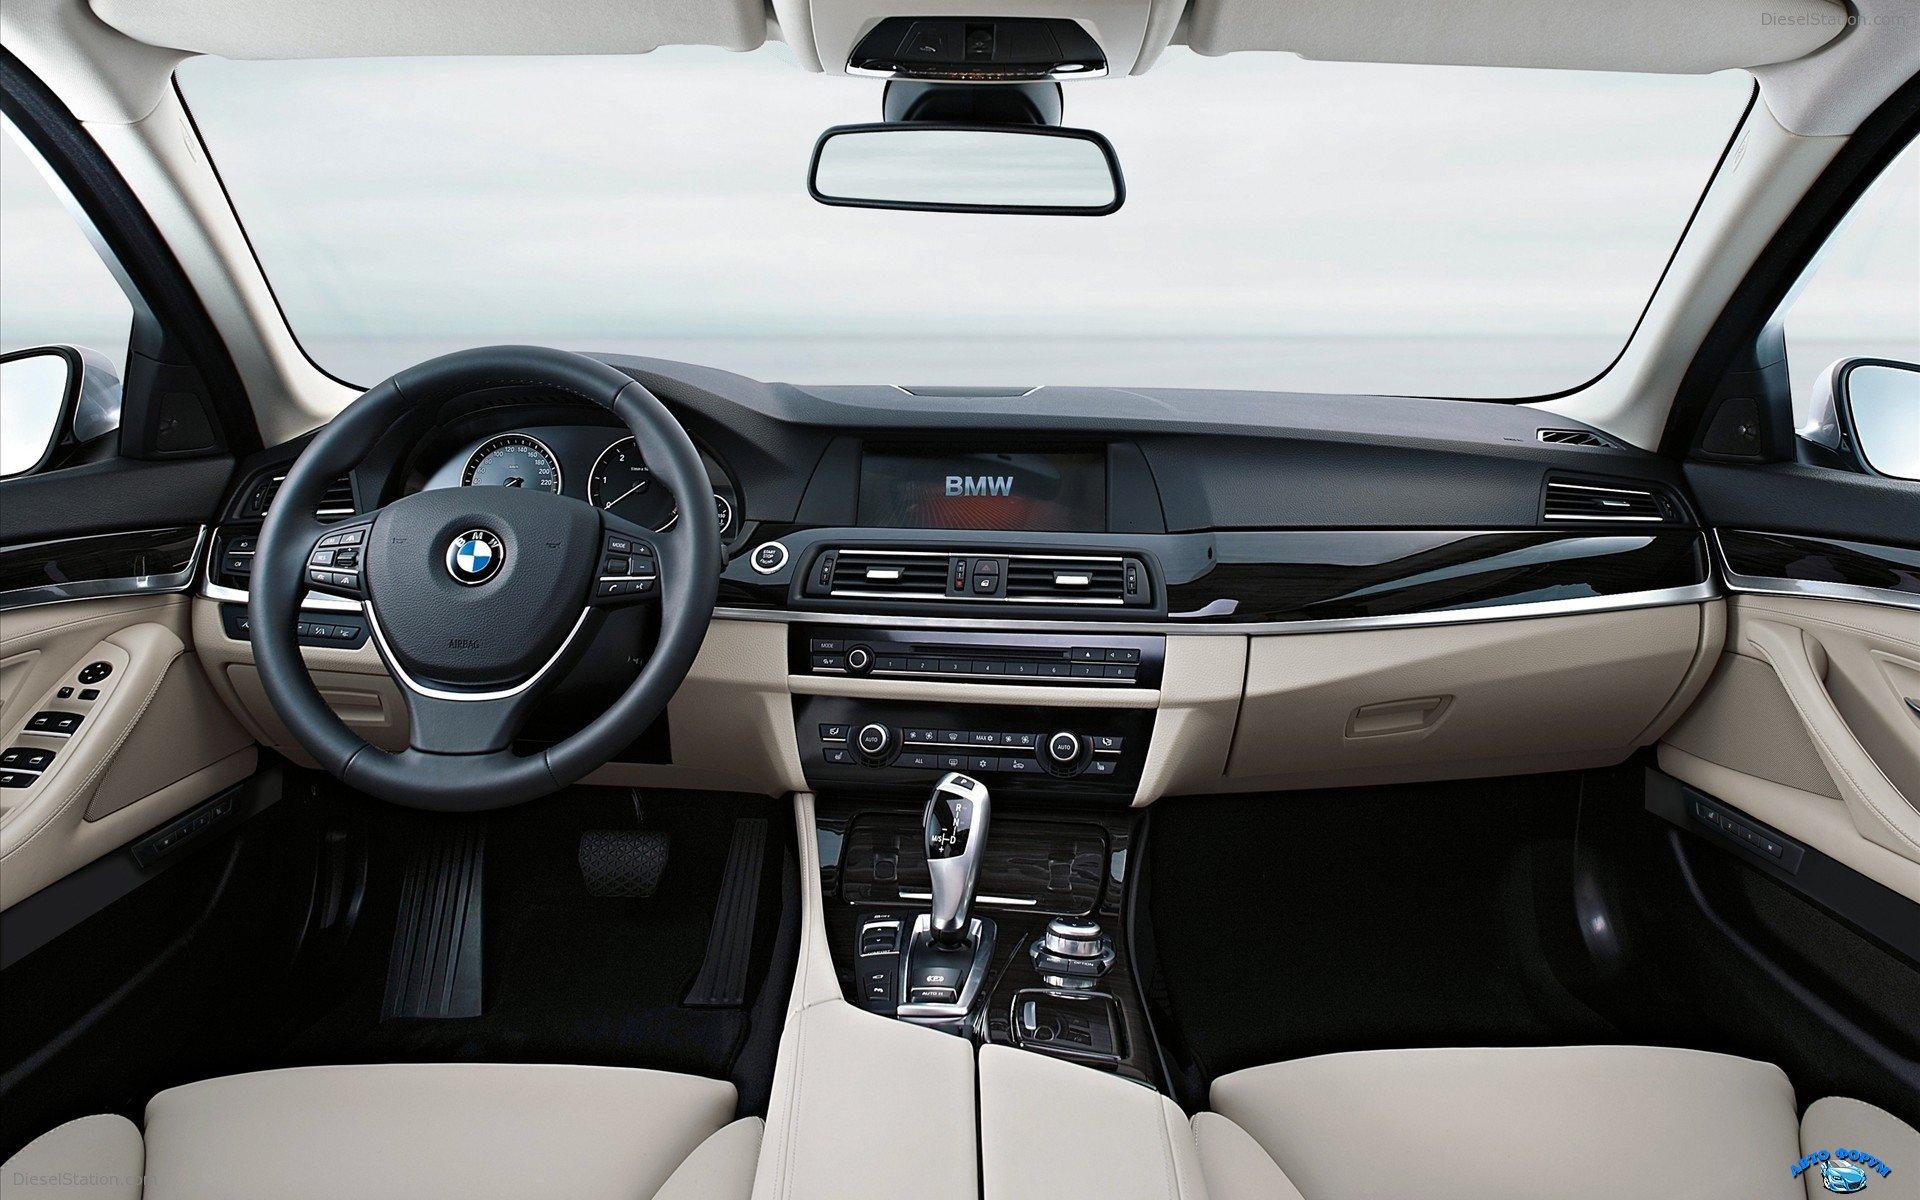 2011-BMW-5-Series-widescreen-04.jpg